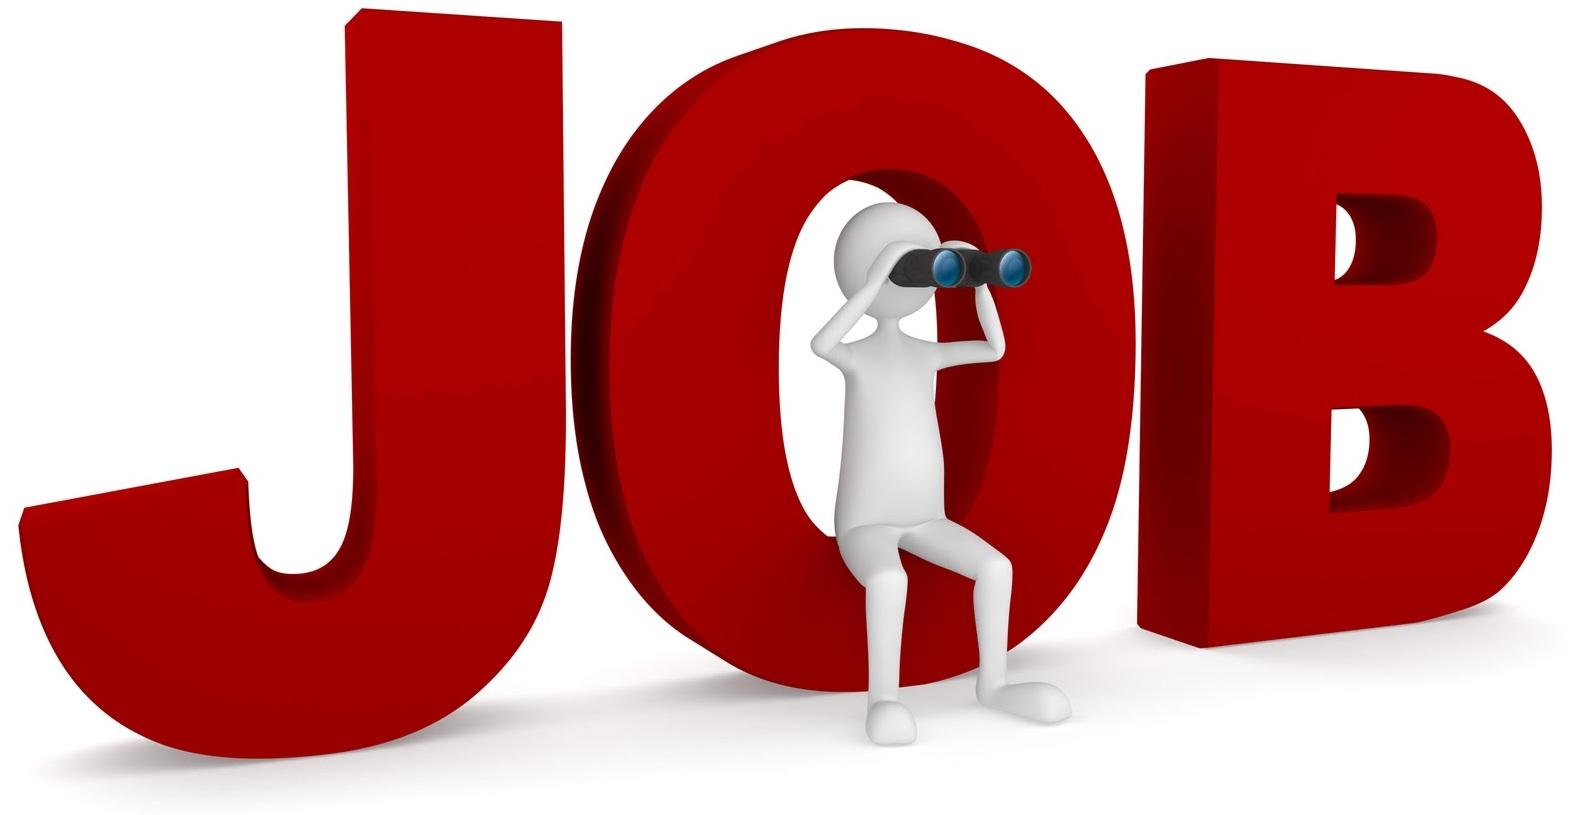 Tìm việc làm tại Hà Nội không cần bằng cấp